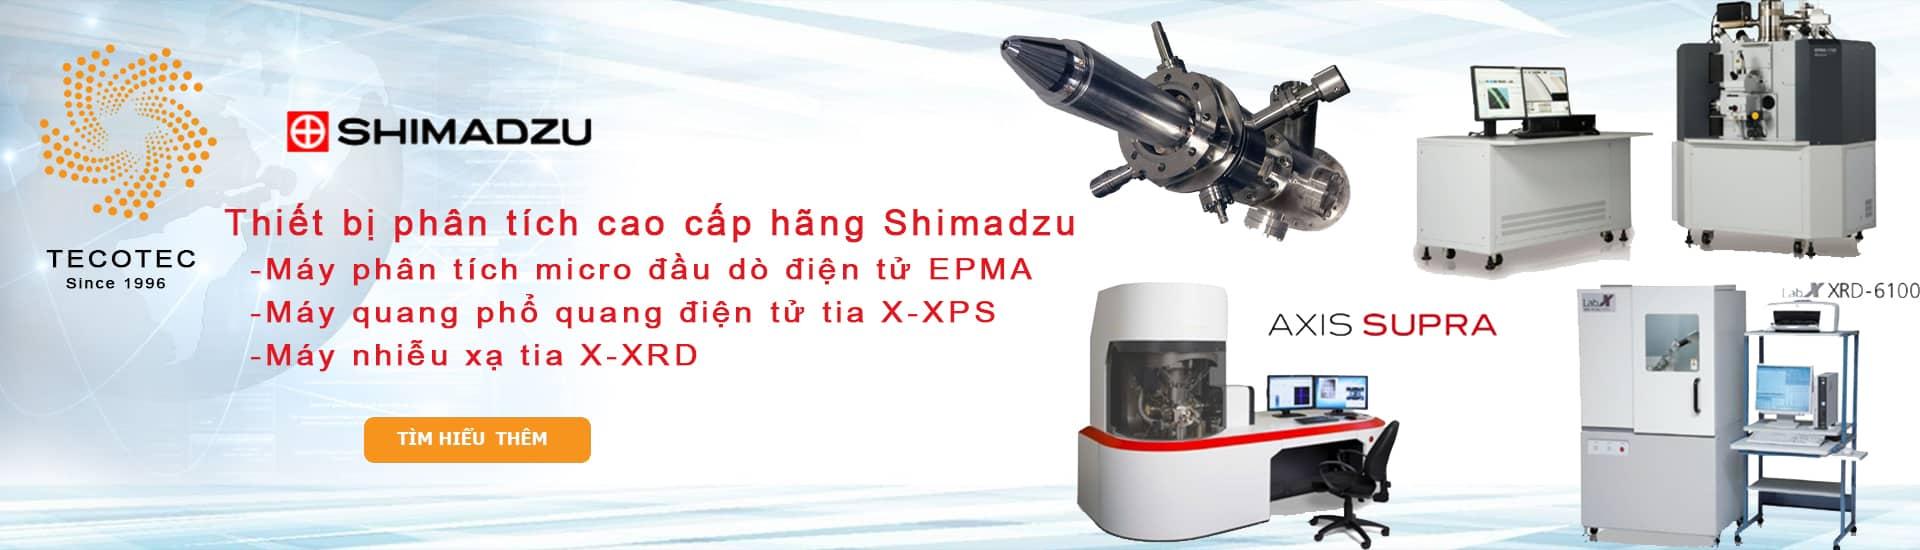 banner shimadzu